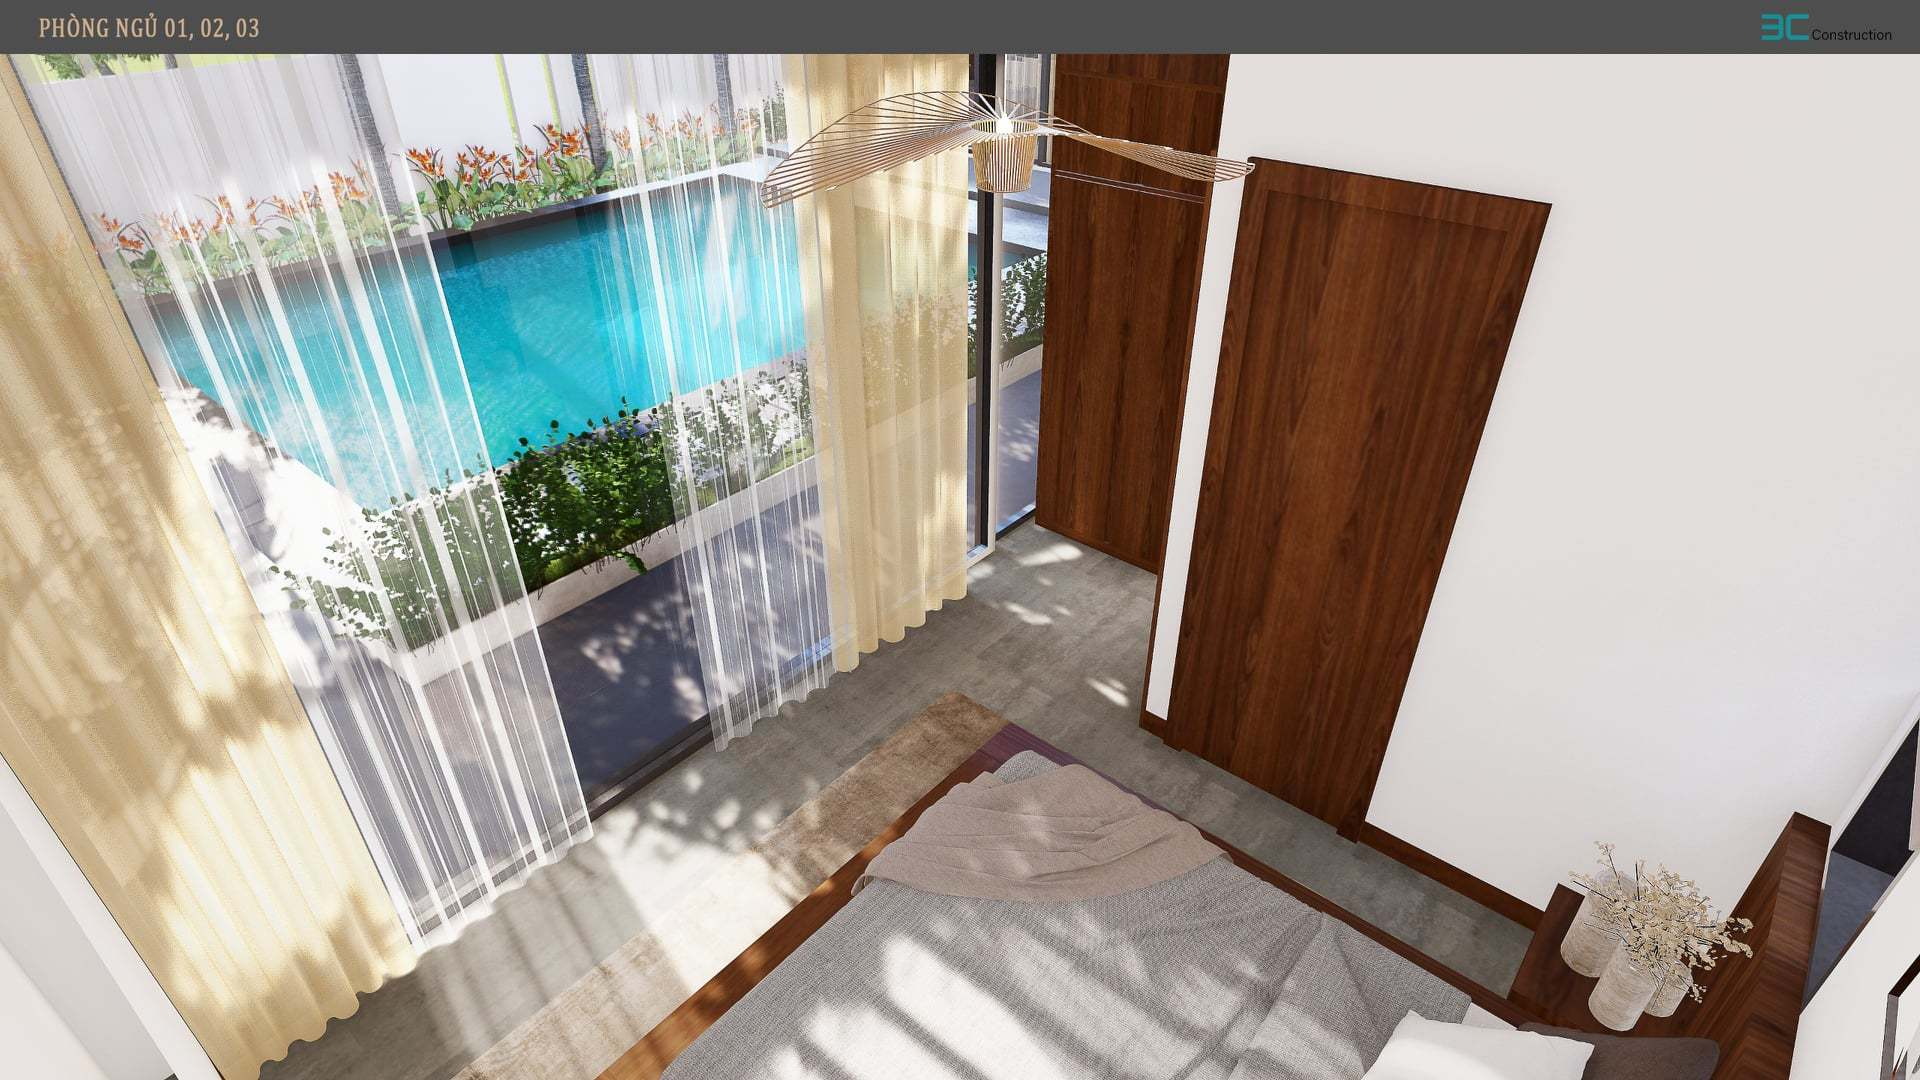 Nhà vườn 3 mặt thoáng, mở cửa là đắm chìm vào hồ bơi xanh mát